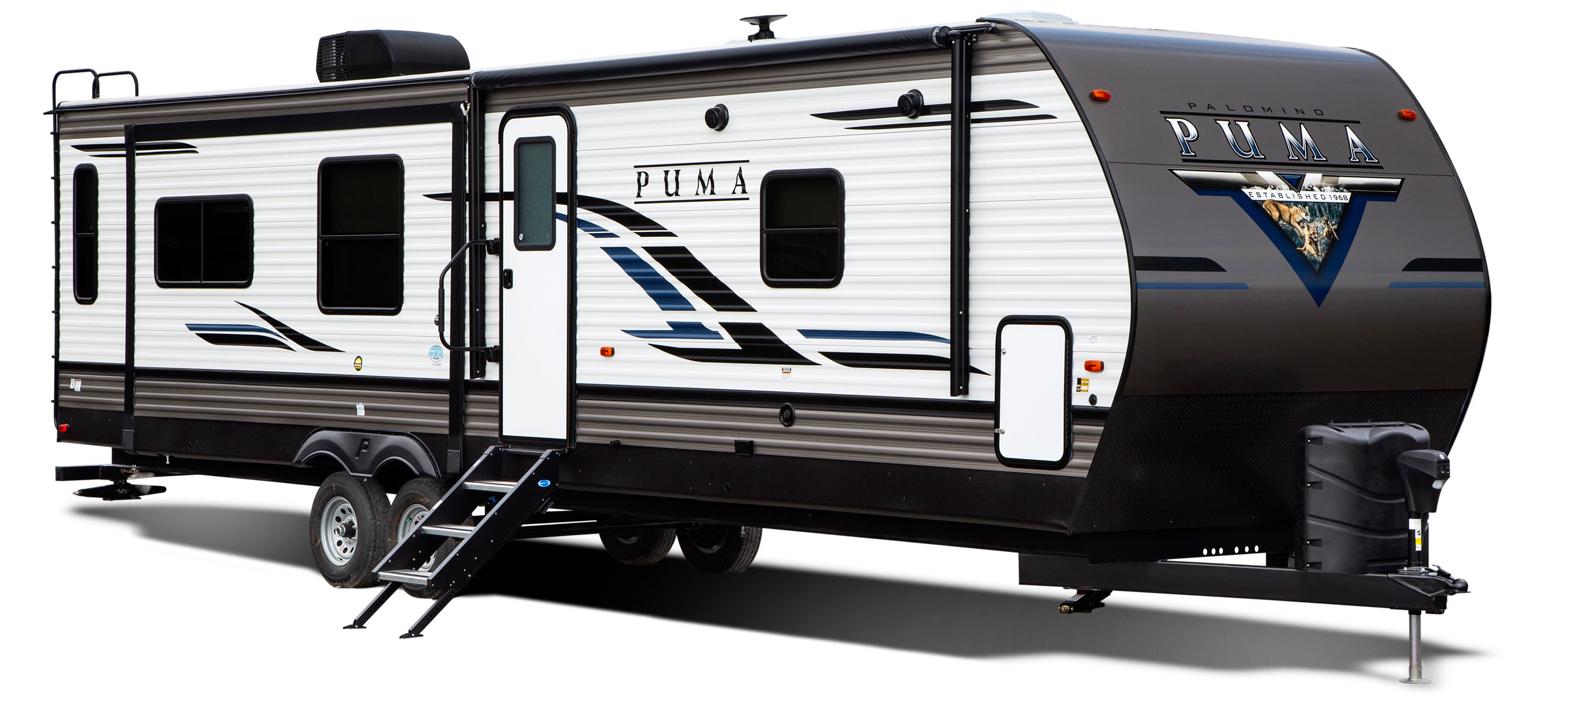 palomino puma travel trailer exterior